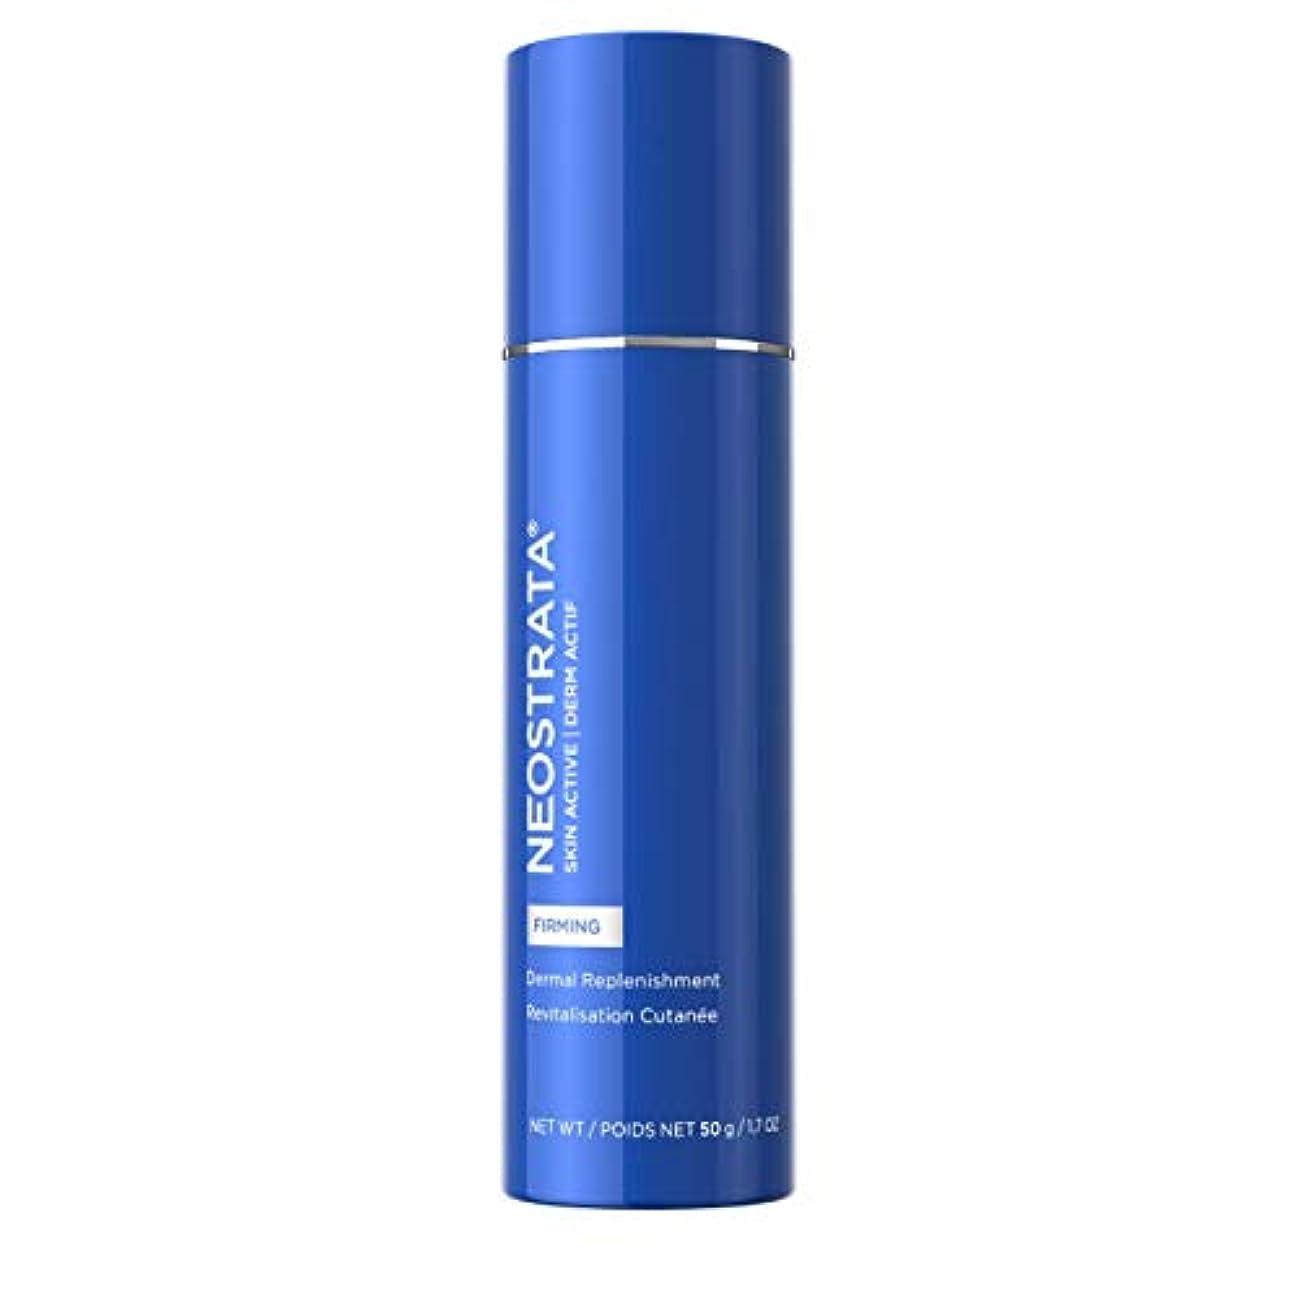 実際の心配する可塑性ネオストラータ Skin Active Derm Actif Firming - Dermal Replenishment Natural Moisturizing Factor Concentrate 50g/0.17oz...